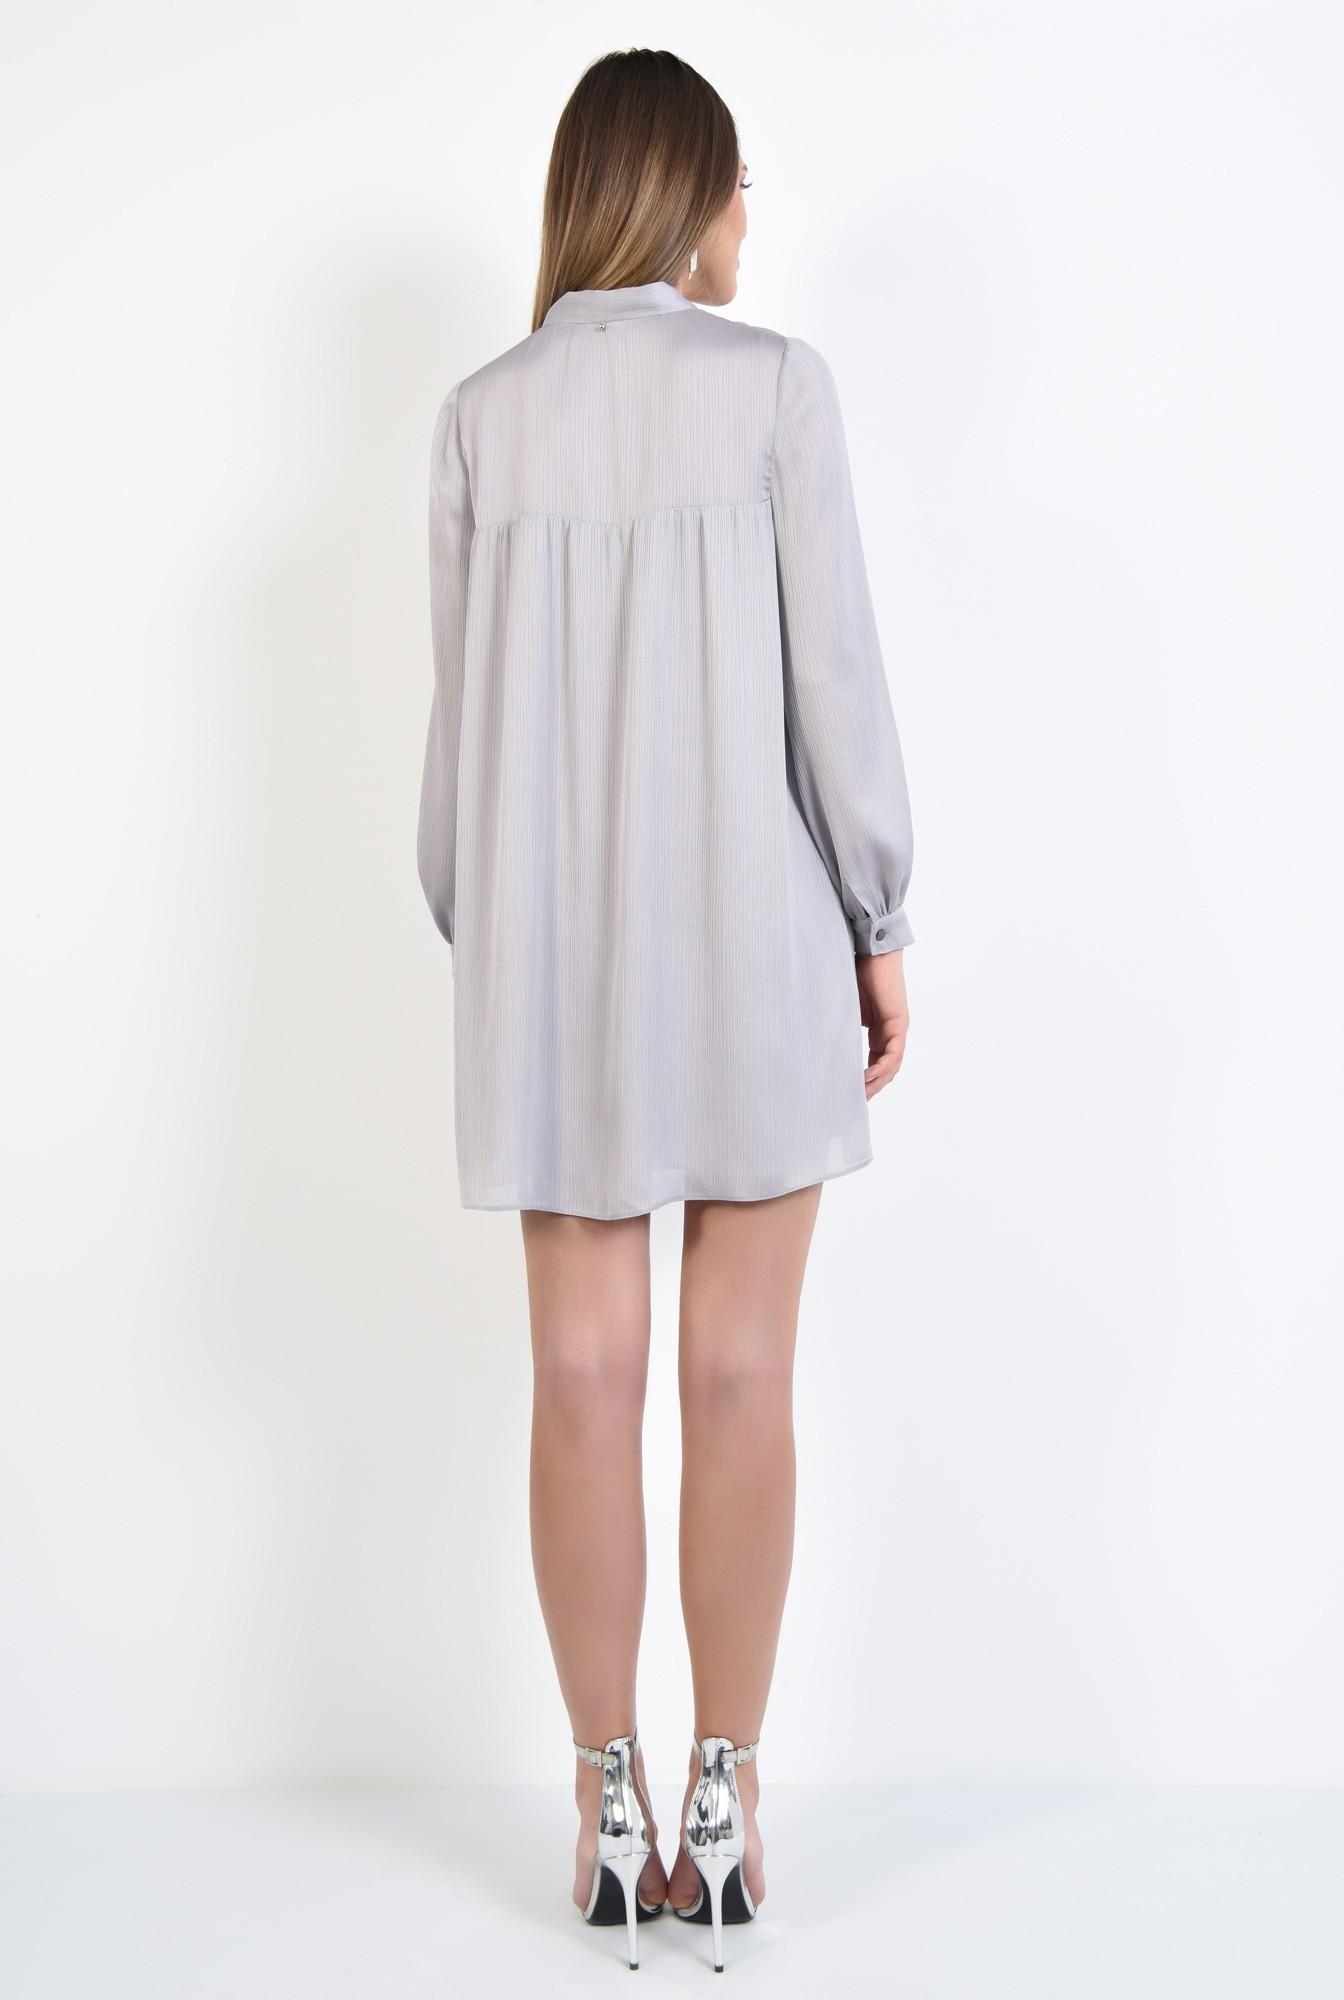 1 - 360 - rochie eleganta, scurta, babydoll, cu maneci bufante lungi, funda